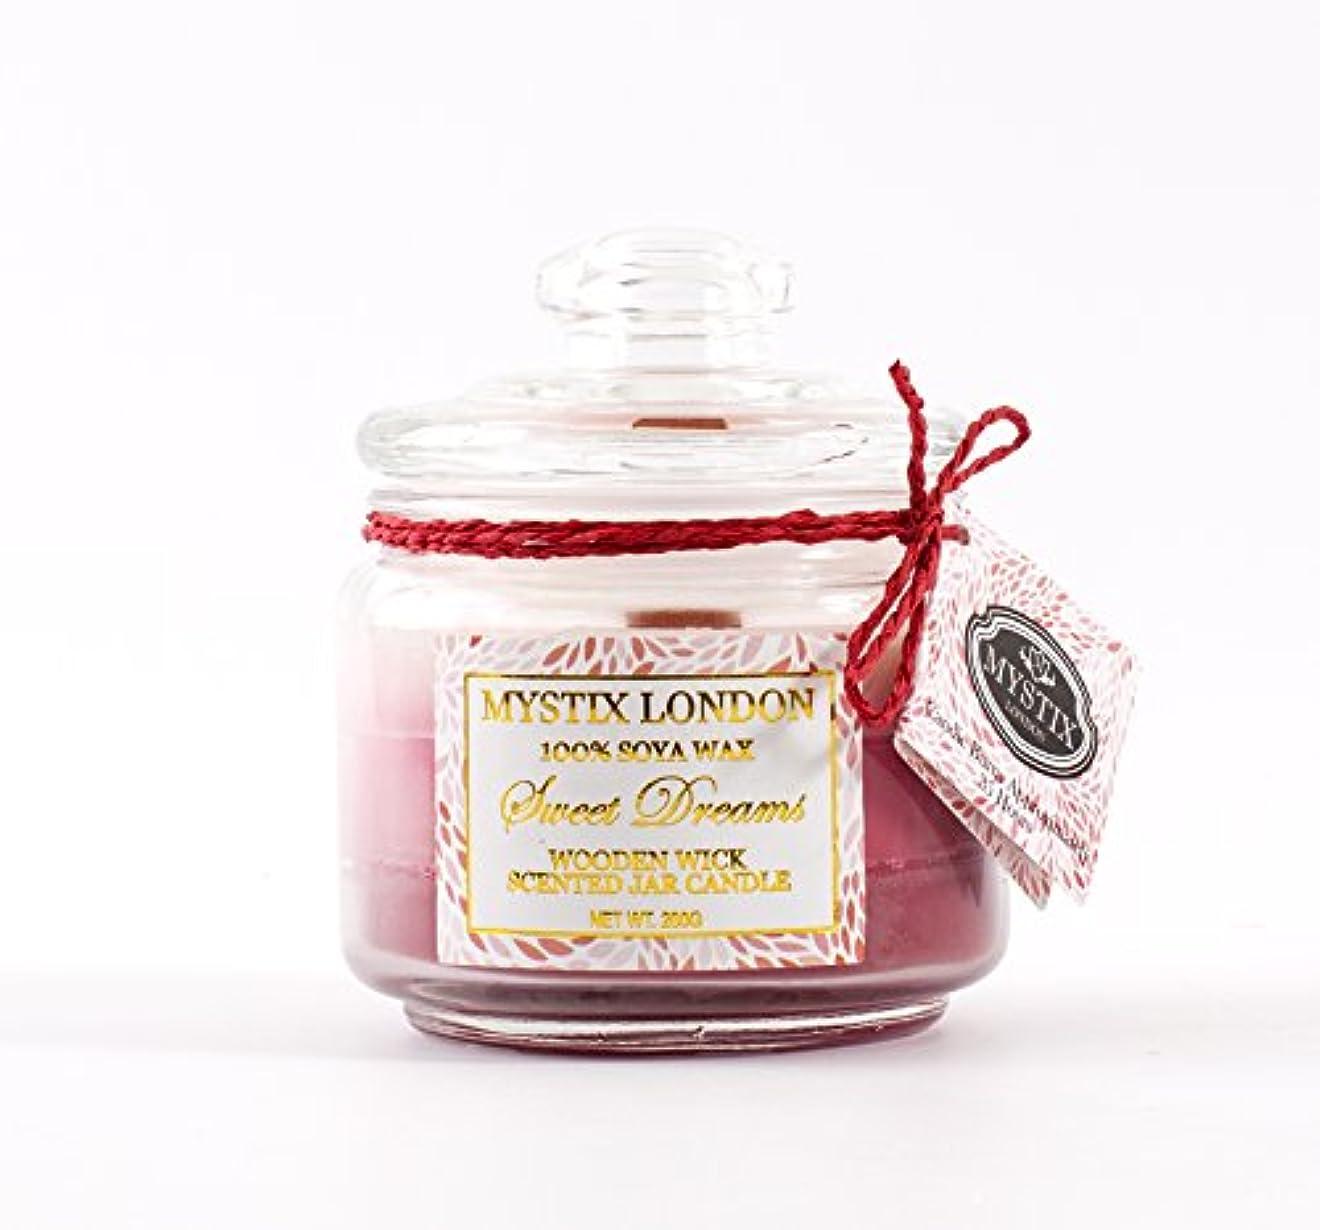 前奏曲レガシー前Mystix London | Sweet Dreams Wooden Wick Scented Jar Candle 200g